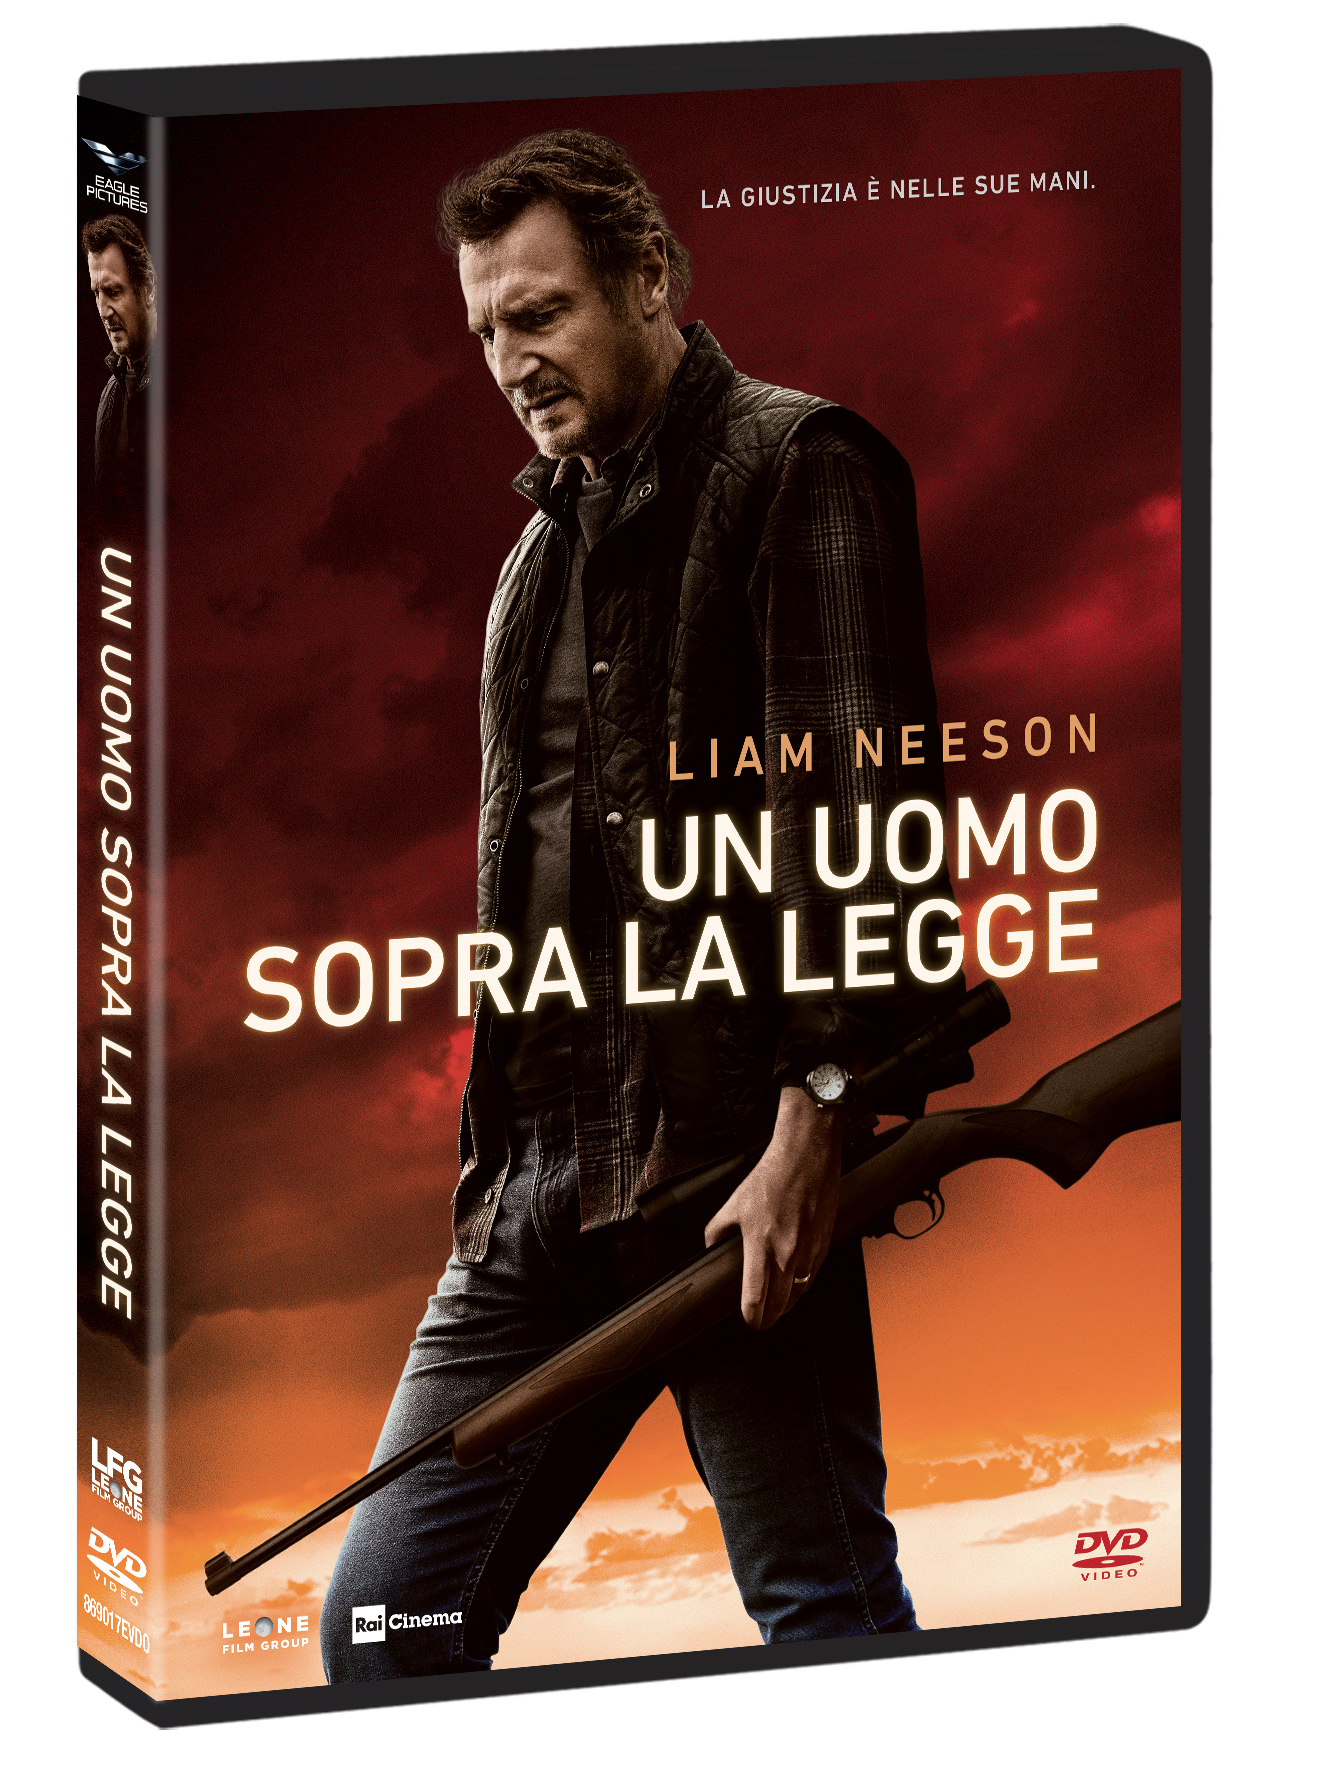 UN UOMO SOPRA LA LEGGE (DVD)